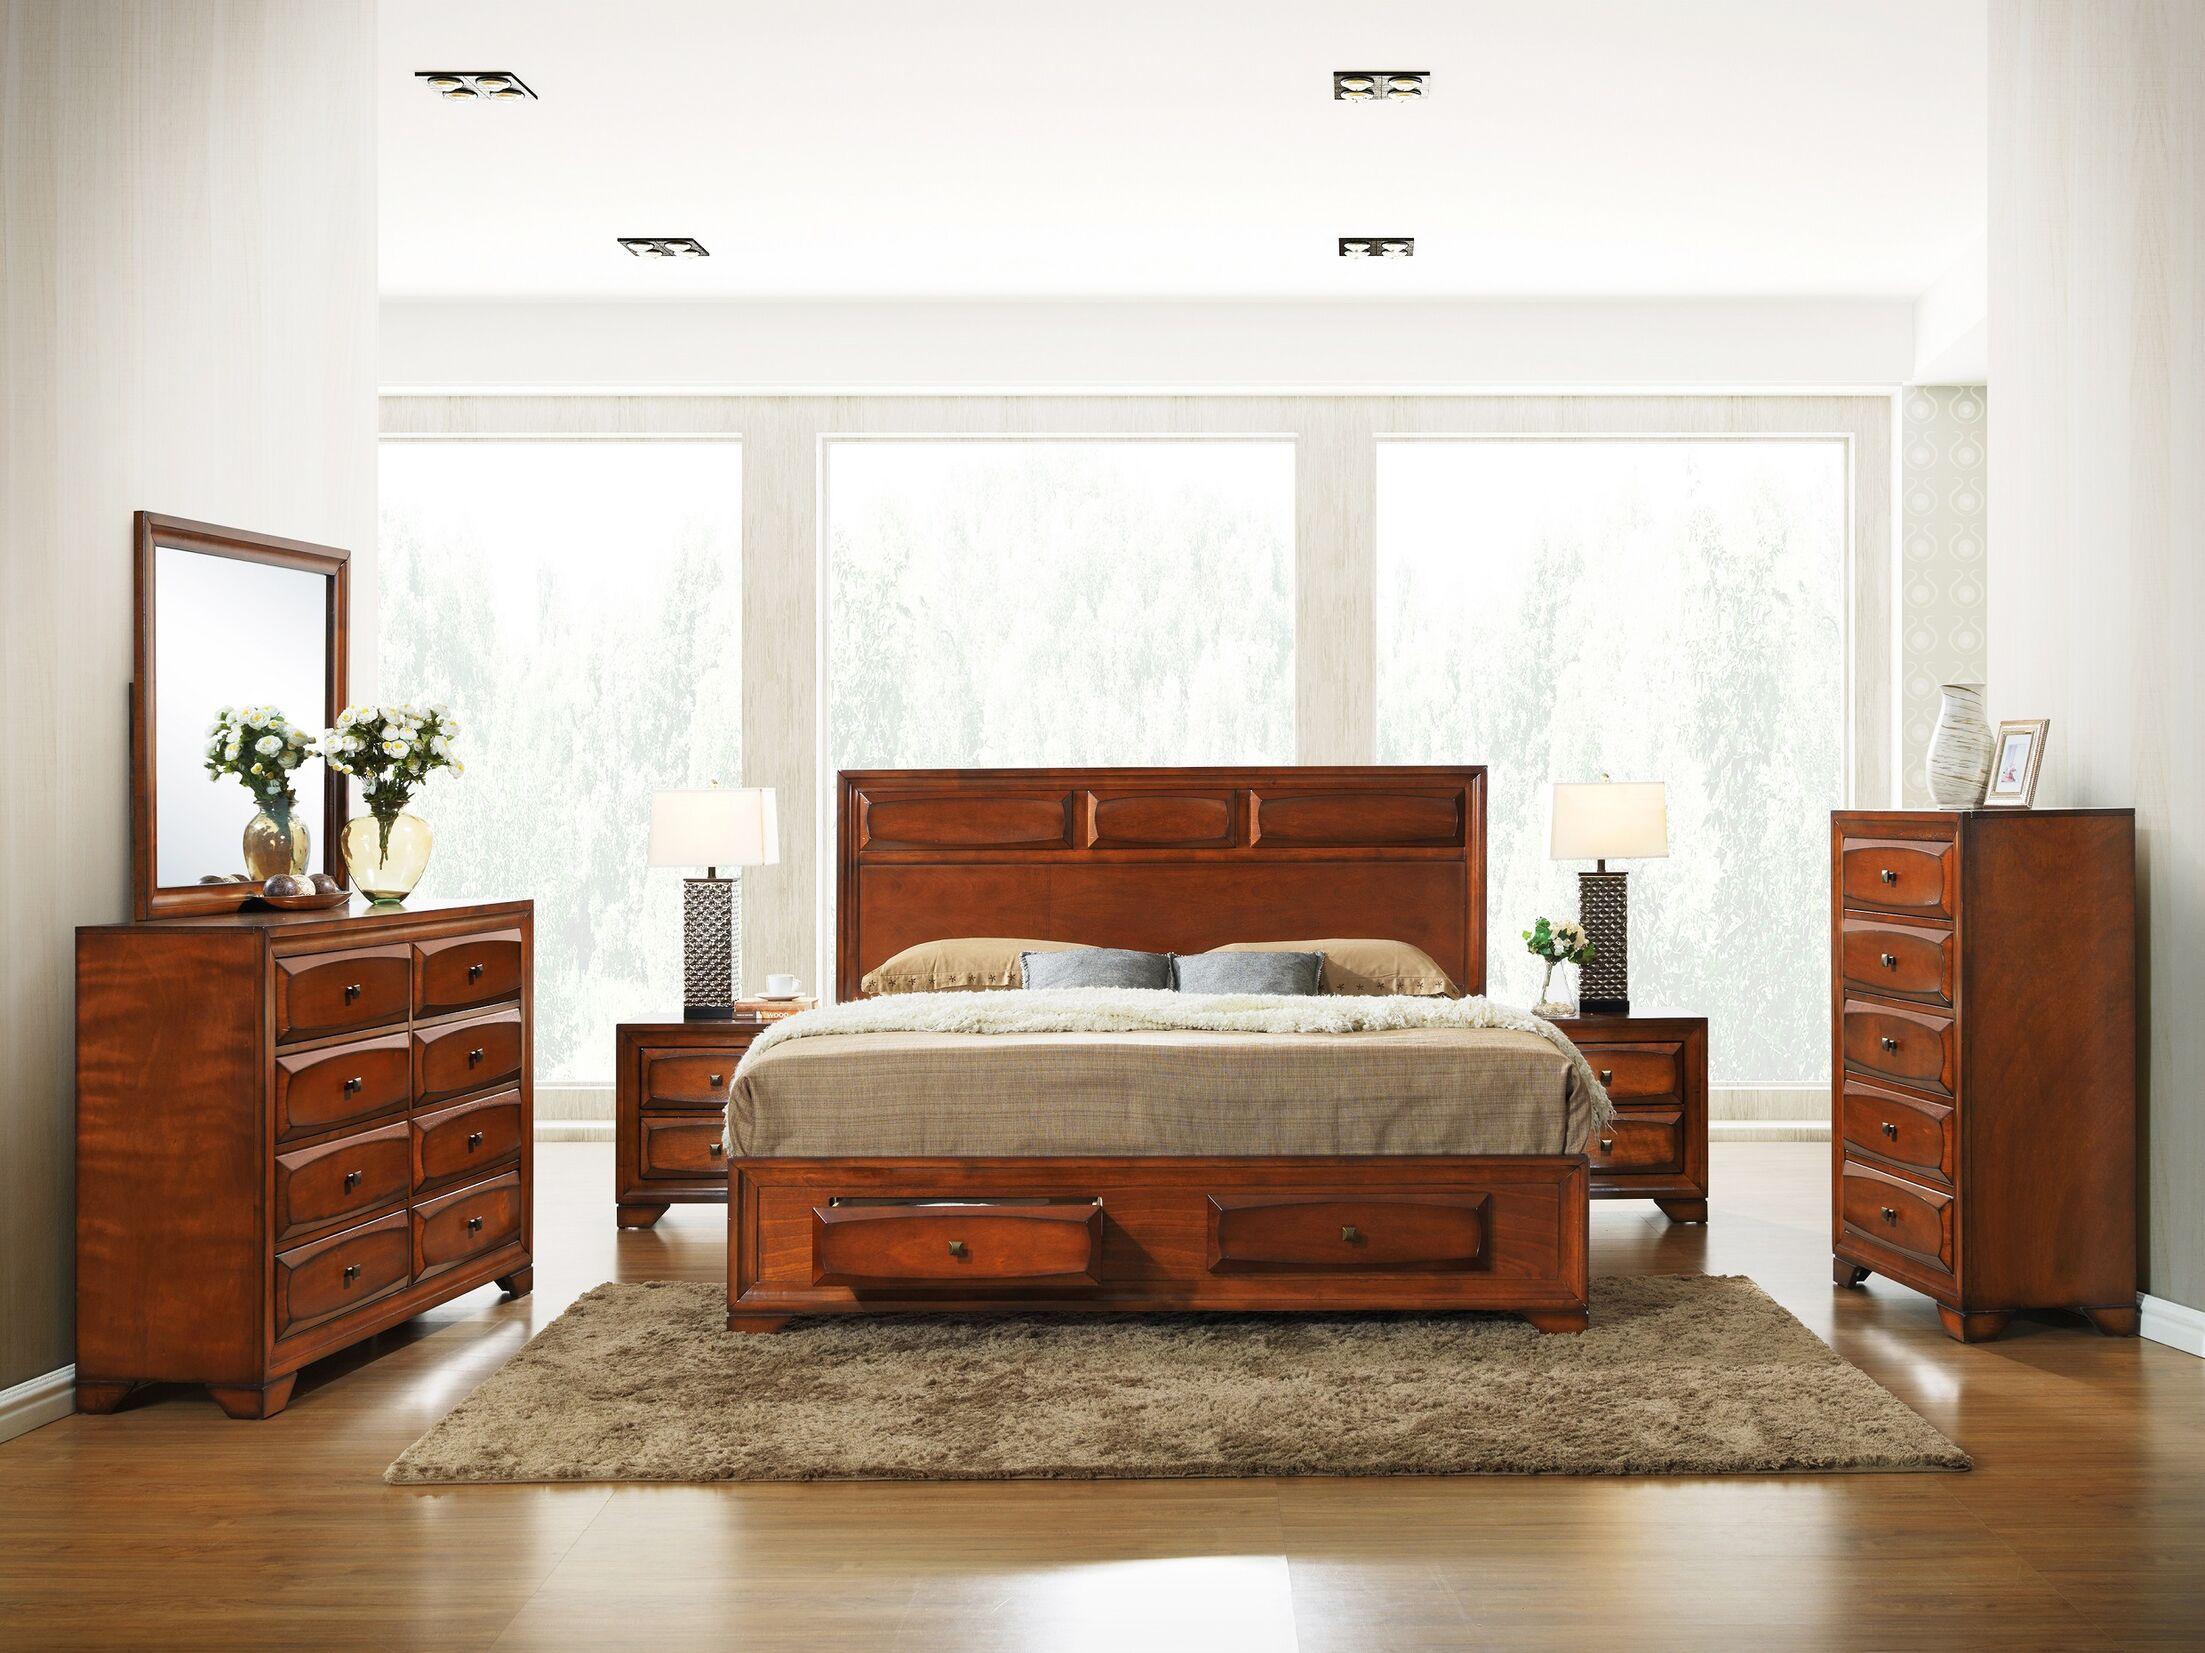 Beagan Platform Bedroom Set Size: Queen